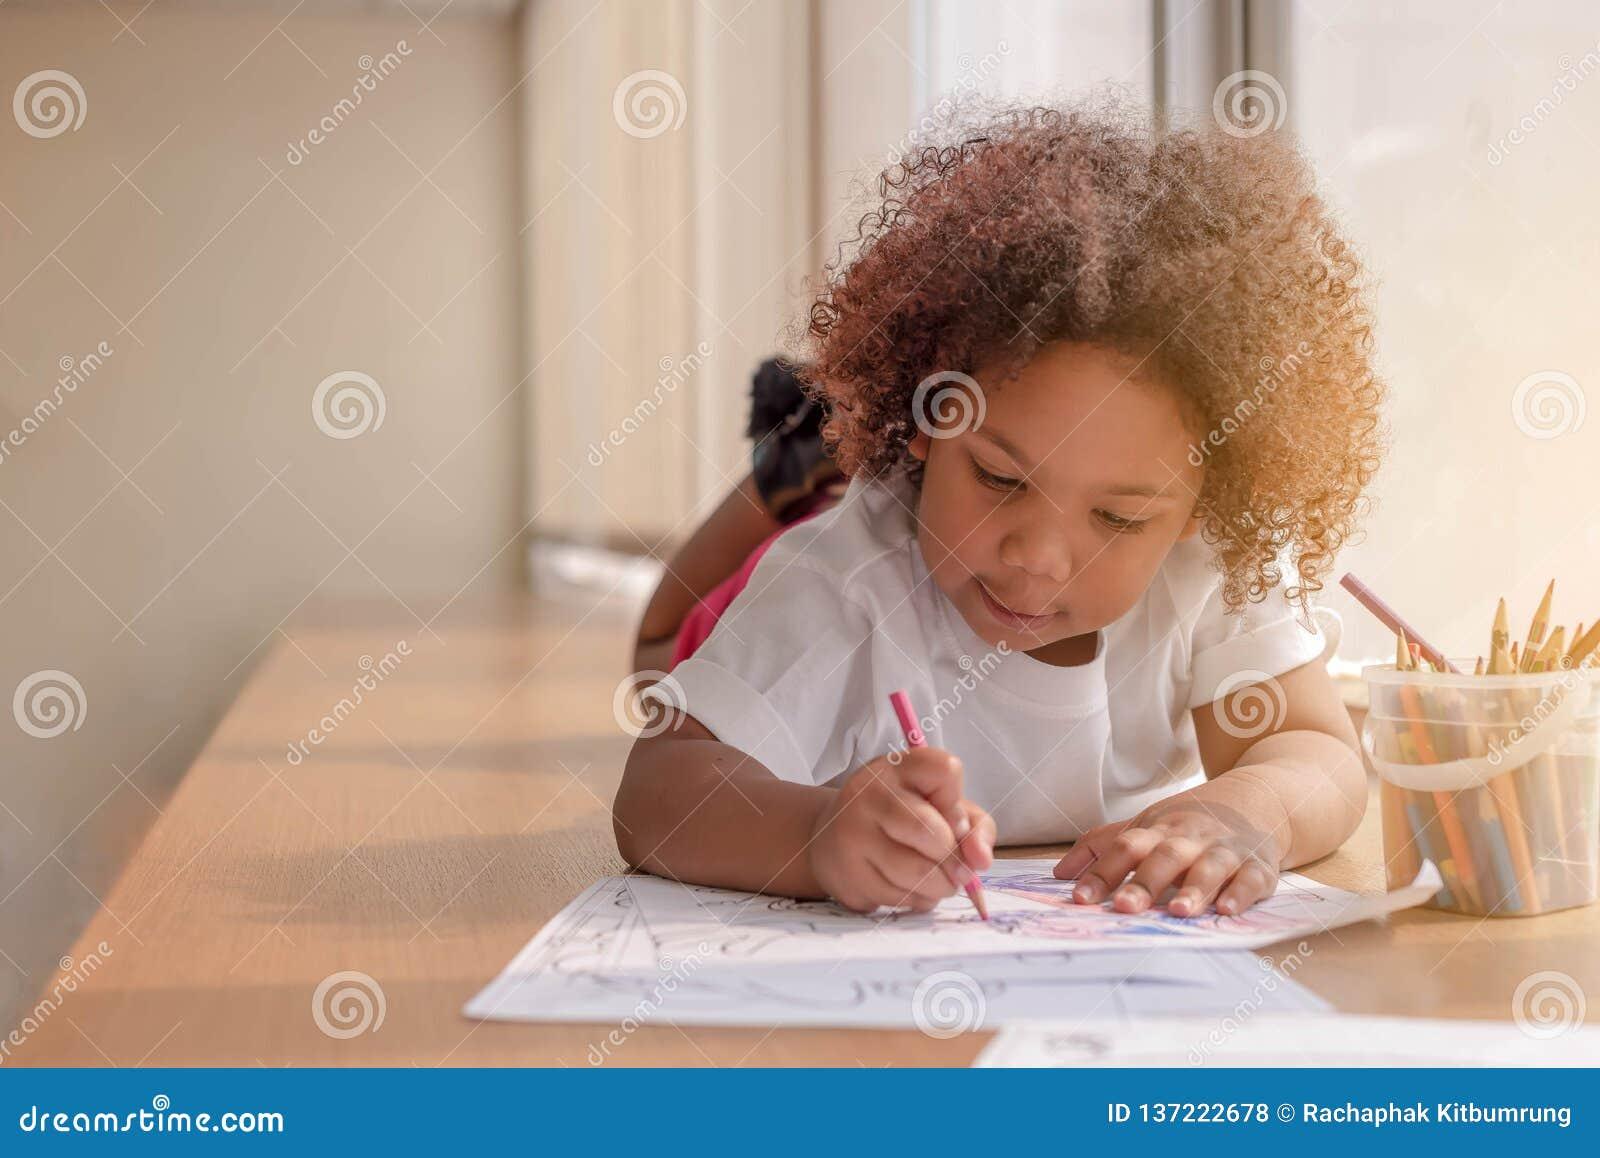 Pequeño concentrado de la fijación de la niña pequeña en el dibujo Muchacha africana de la mezcla aprender y jugar en la clase de